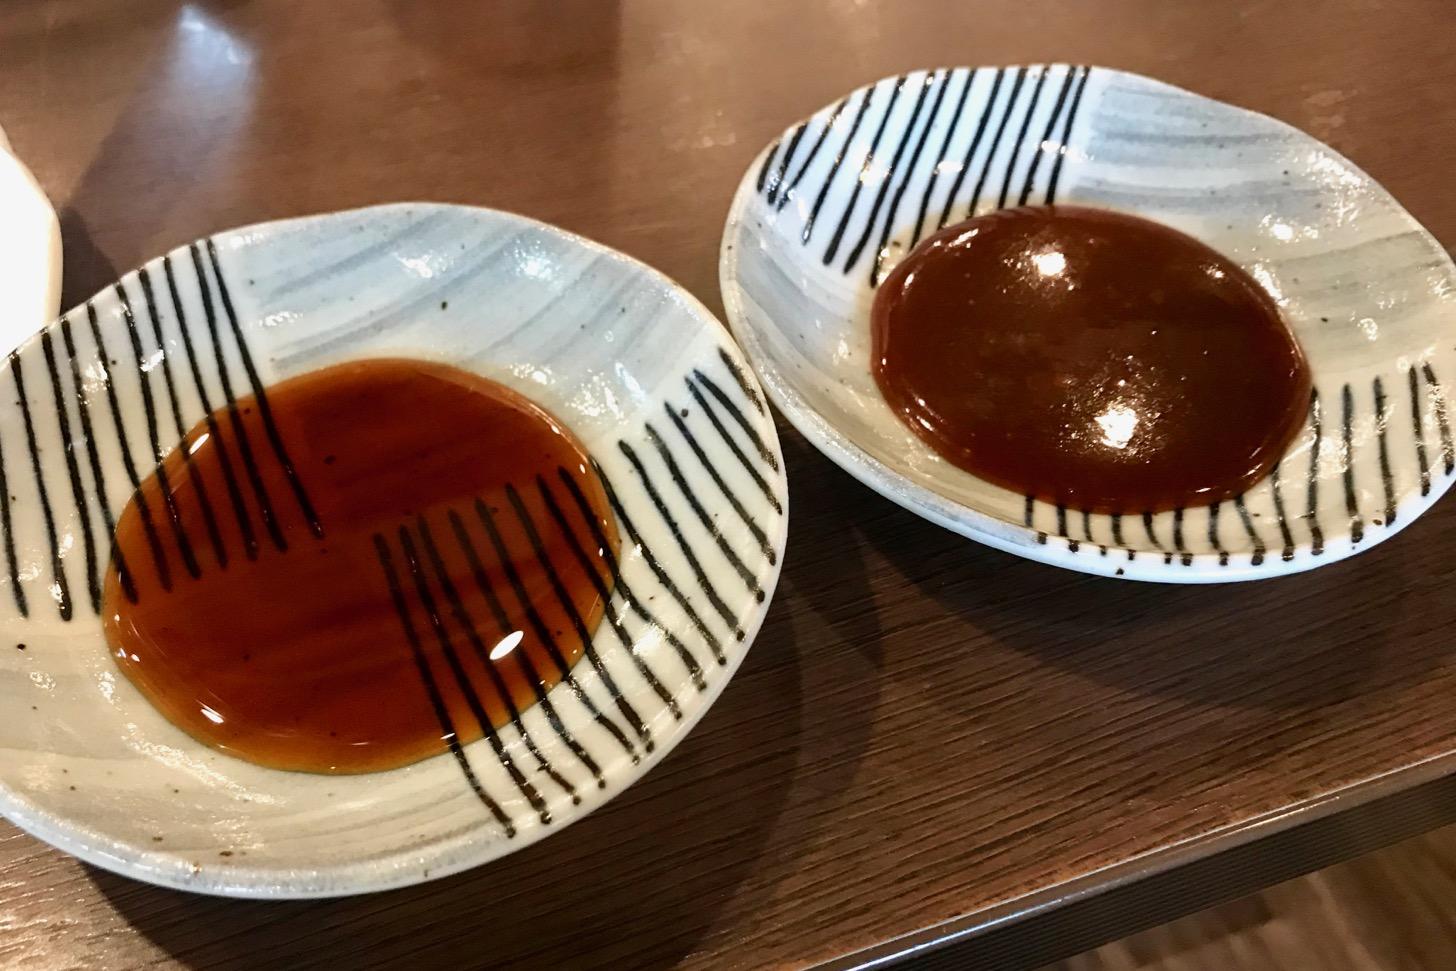 焼肉五苑 多摩センター店の醤油タレ(左)と味噌タレ(右)